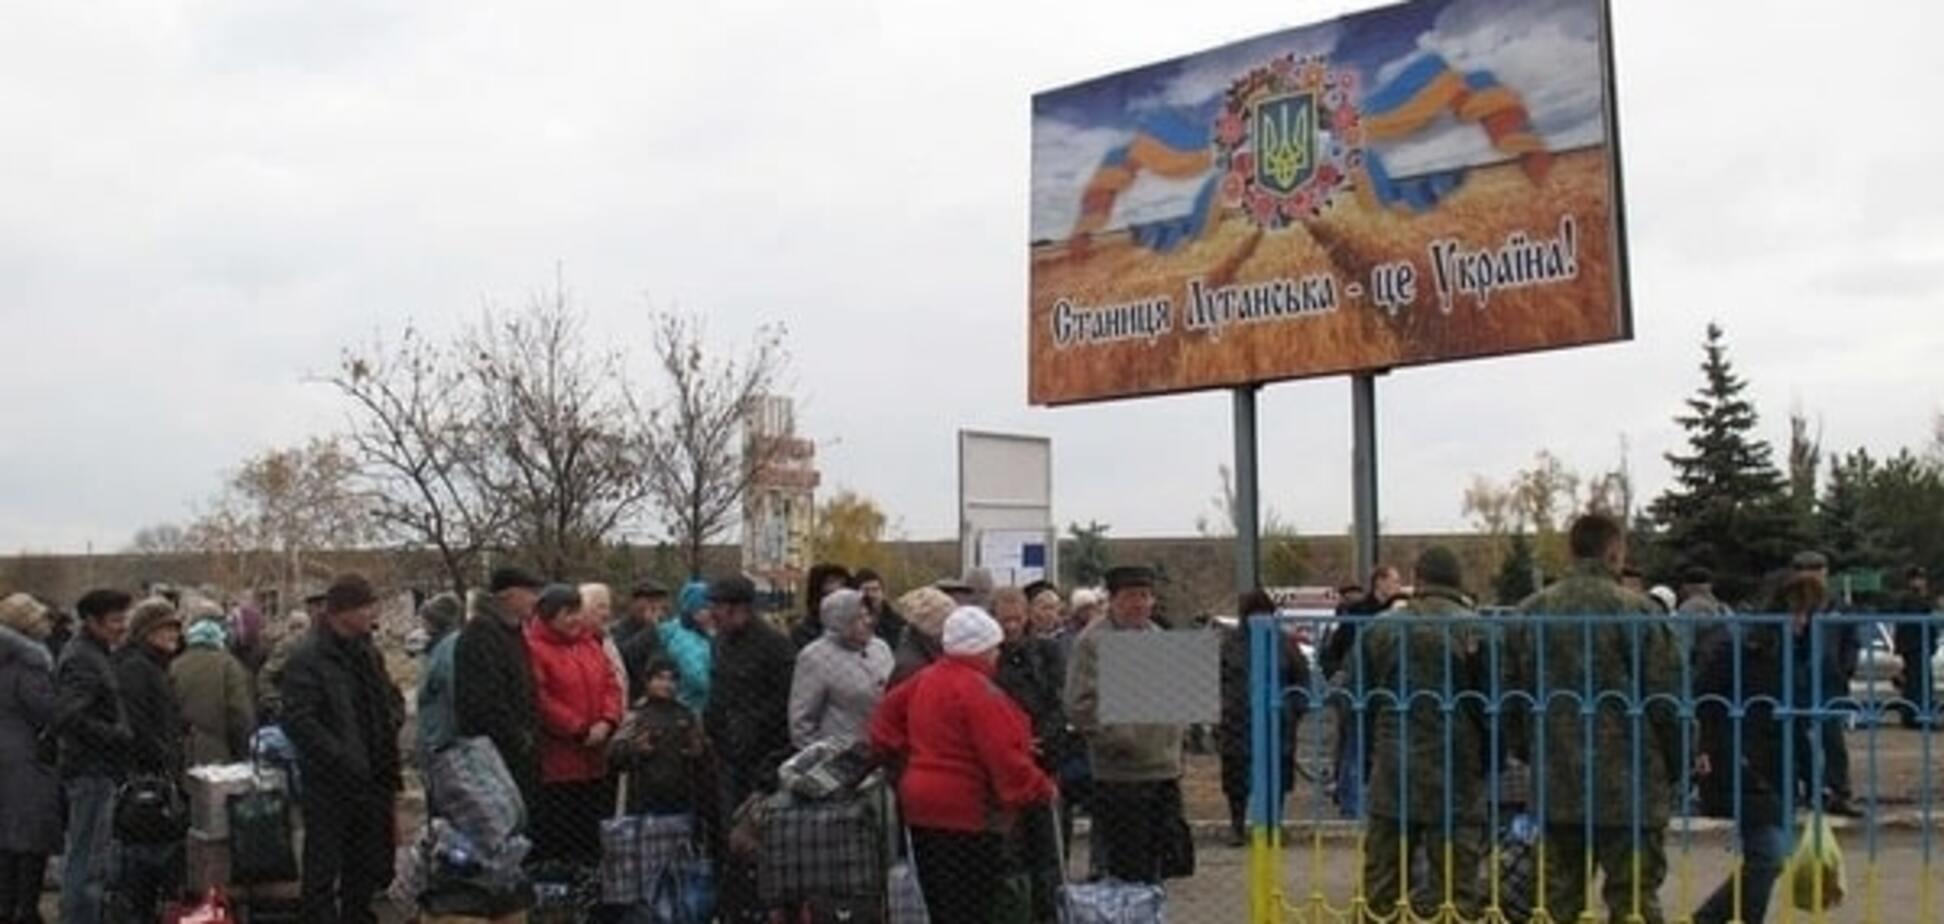 'Долбанные идиоты': террористы обстреляли пешеходный переход в Станице Луганской